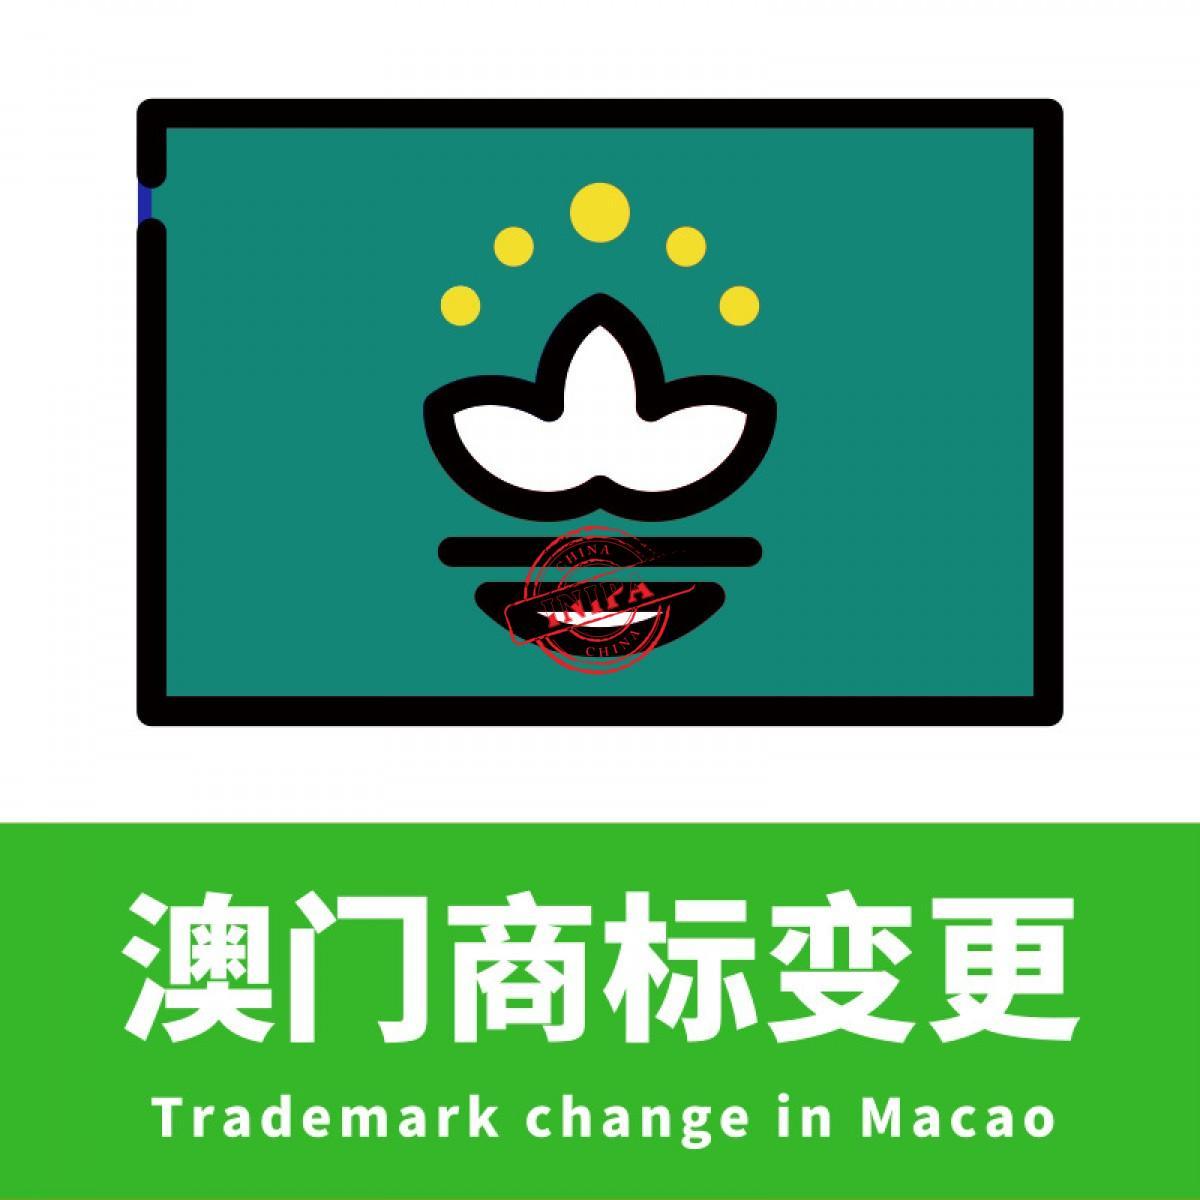 澳门商标变更/Trademark change in Macao